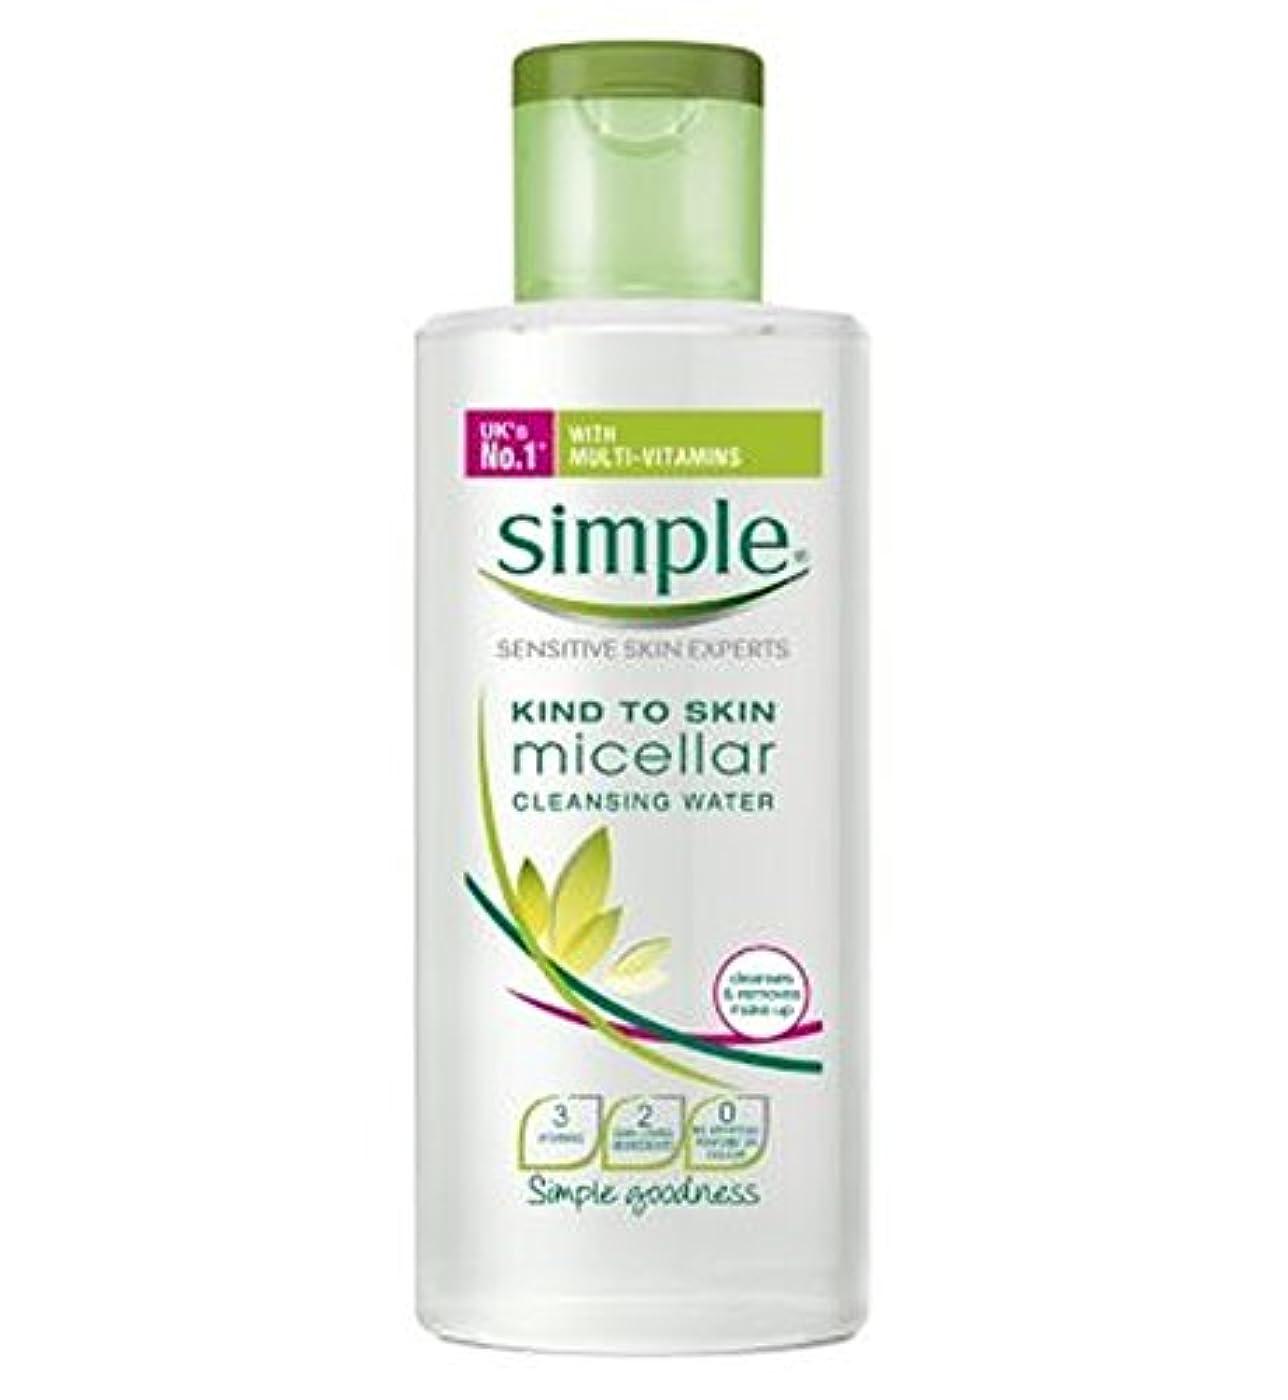 礼拝水素放出Simple Kind To Skin Micellar Cleansing Water 200ml - 皮膚ミセル洗浄水200ミリリットルに簡単な種類 (Simple) [並行輸入品]